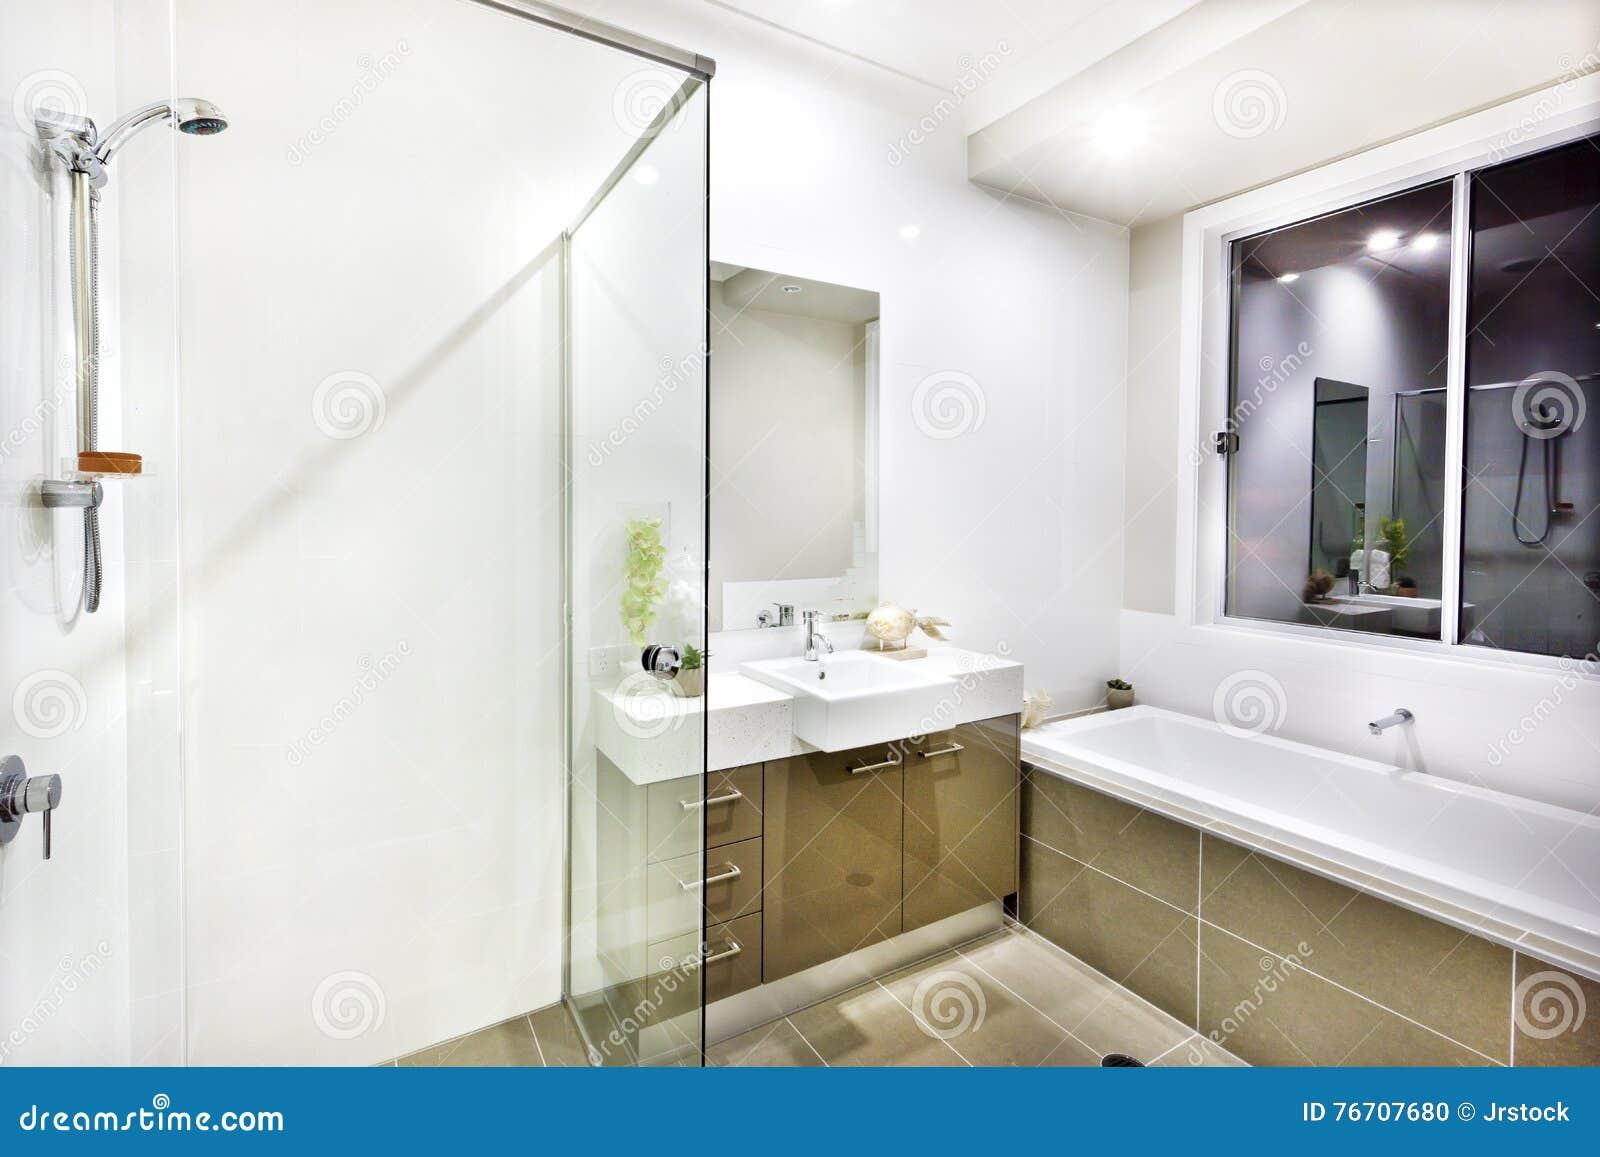 Cuarto de ba o moderno con un grifo una tina de agua y - Baldosas cuarto de bano ...